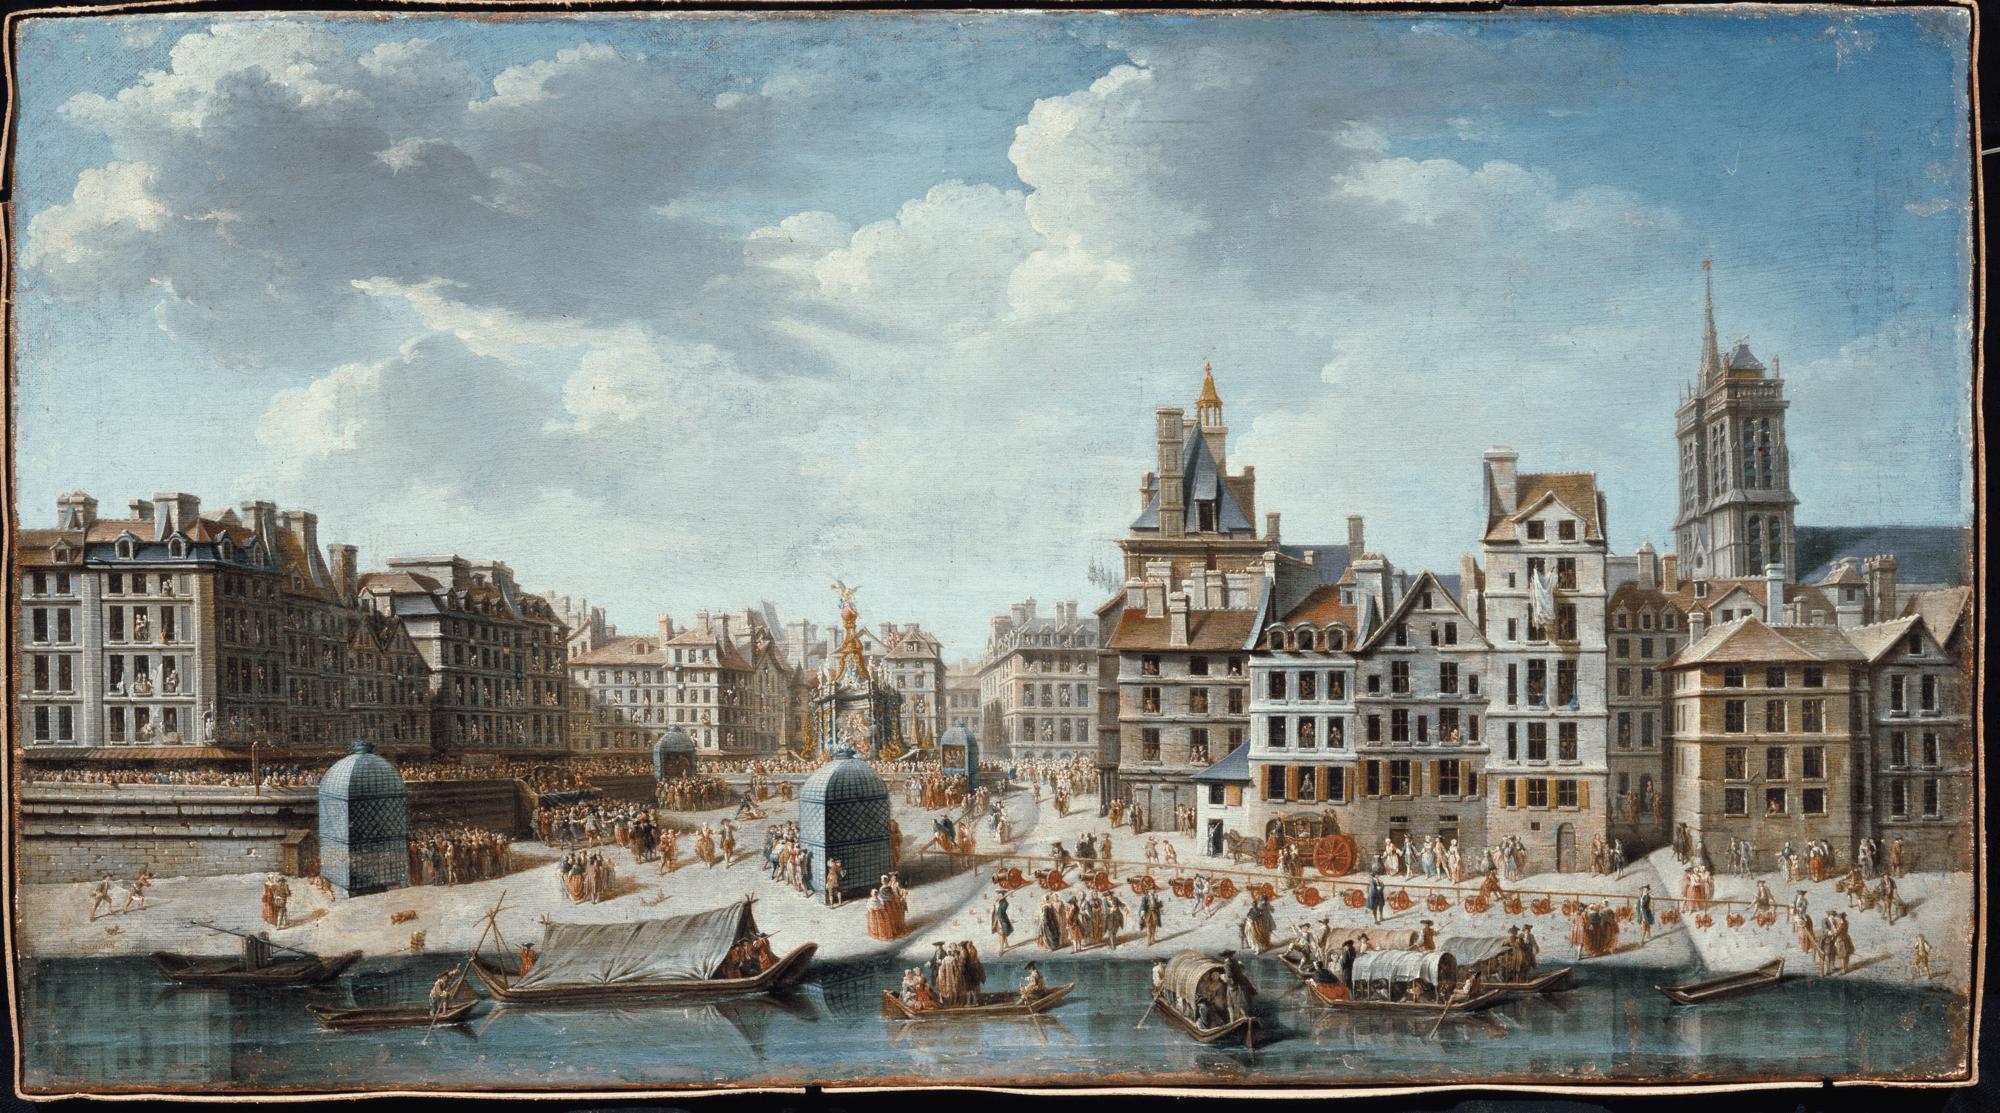 fNicolas-Jean-Baptiste Raguenet, Fête en l'honneur de la naissance de la princesse Marie-Thérèse, 1746, huile sur toile